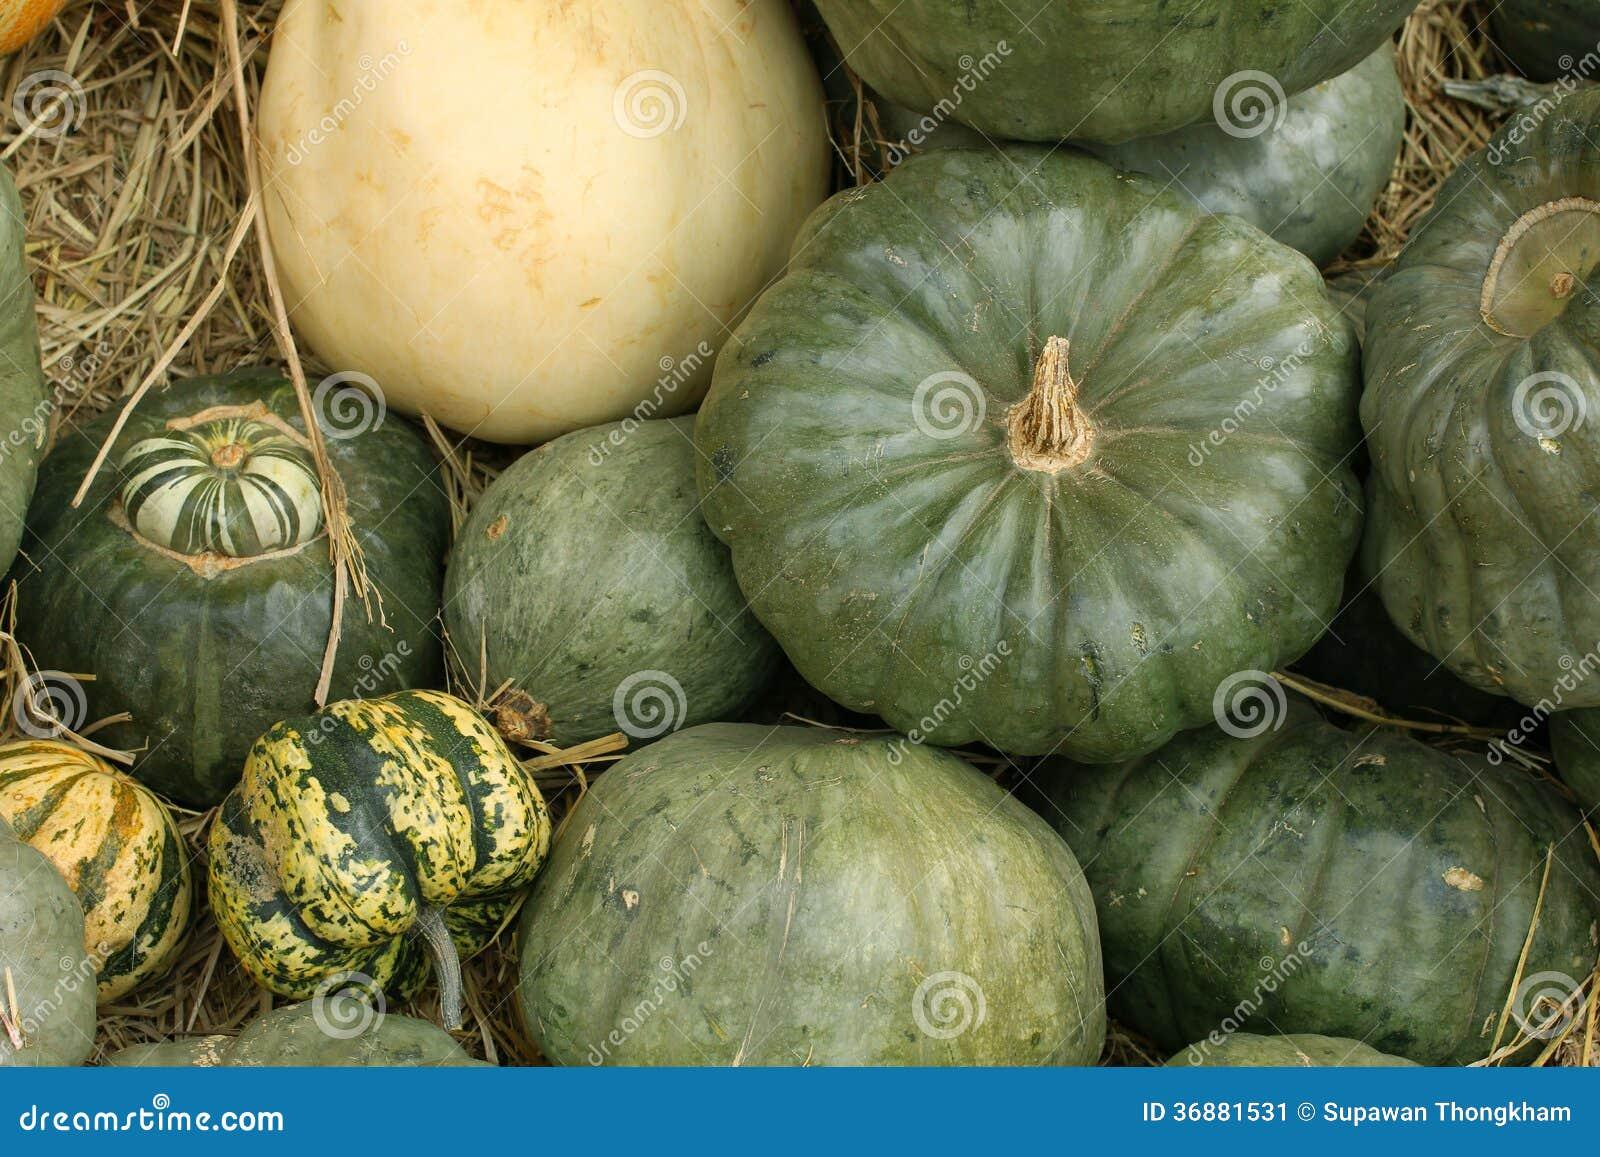 Download Le zucche autunnali immagine stock. Immagine di arancione - 36881531